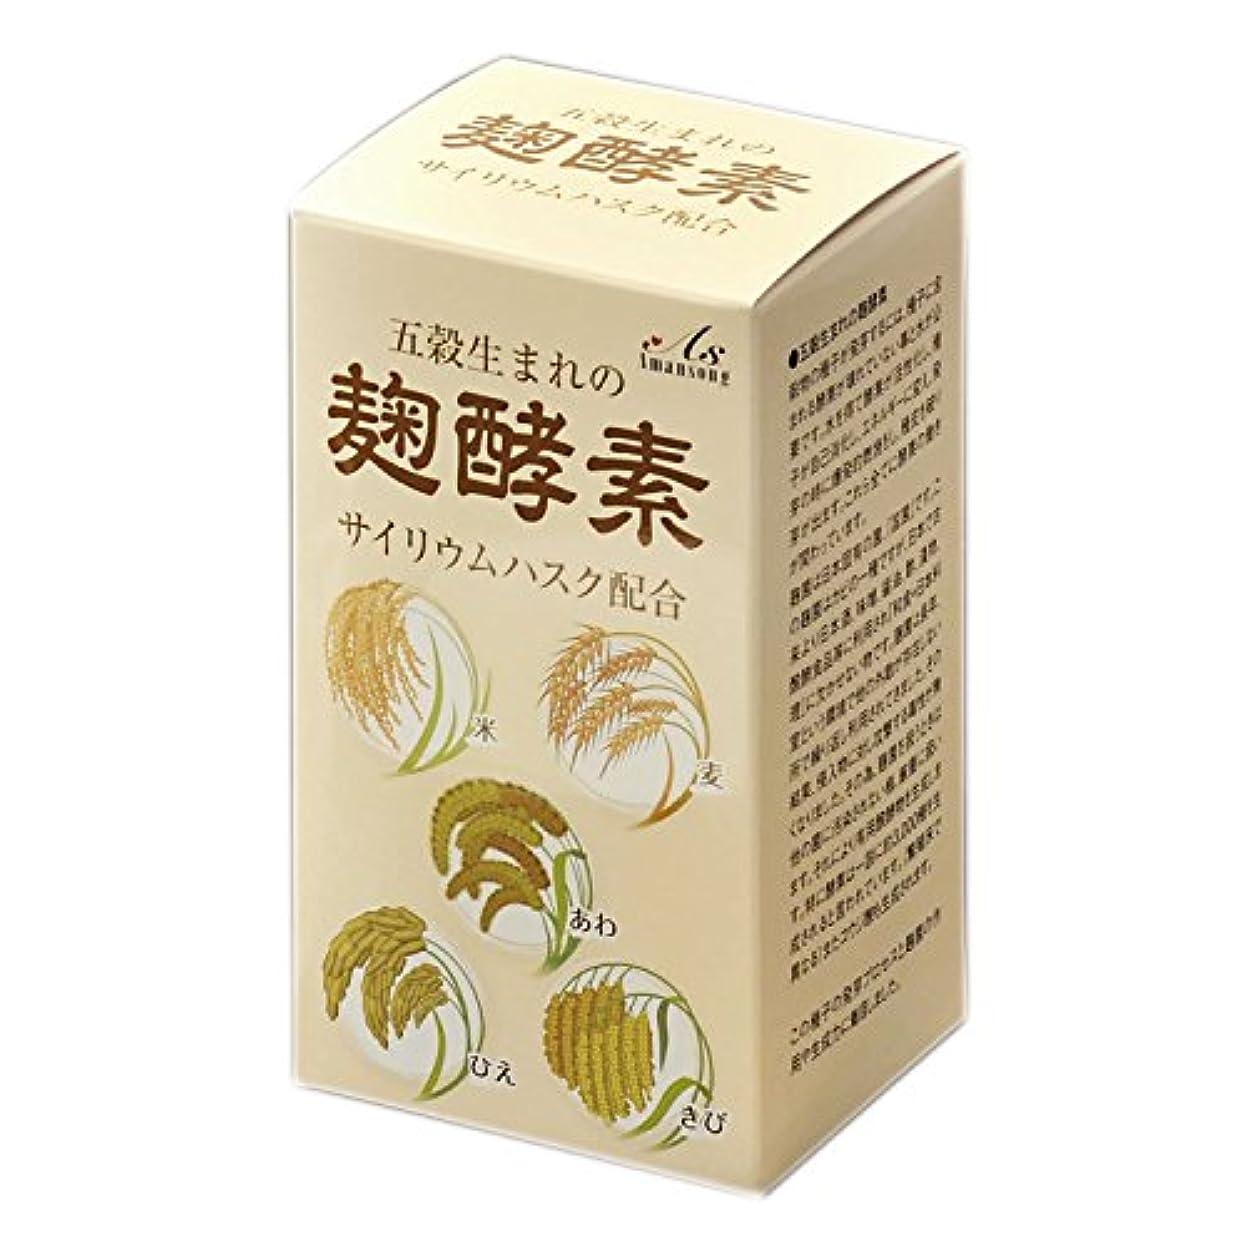 運命的な角度単にA?S 五穀生まれの麹酵素 ヨーグルト風味で、活きた酵素を手軽に摂取 30包入り